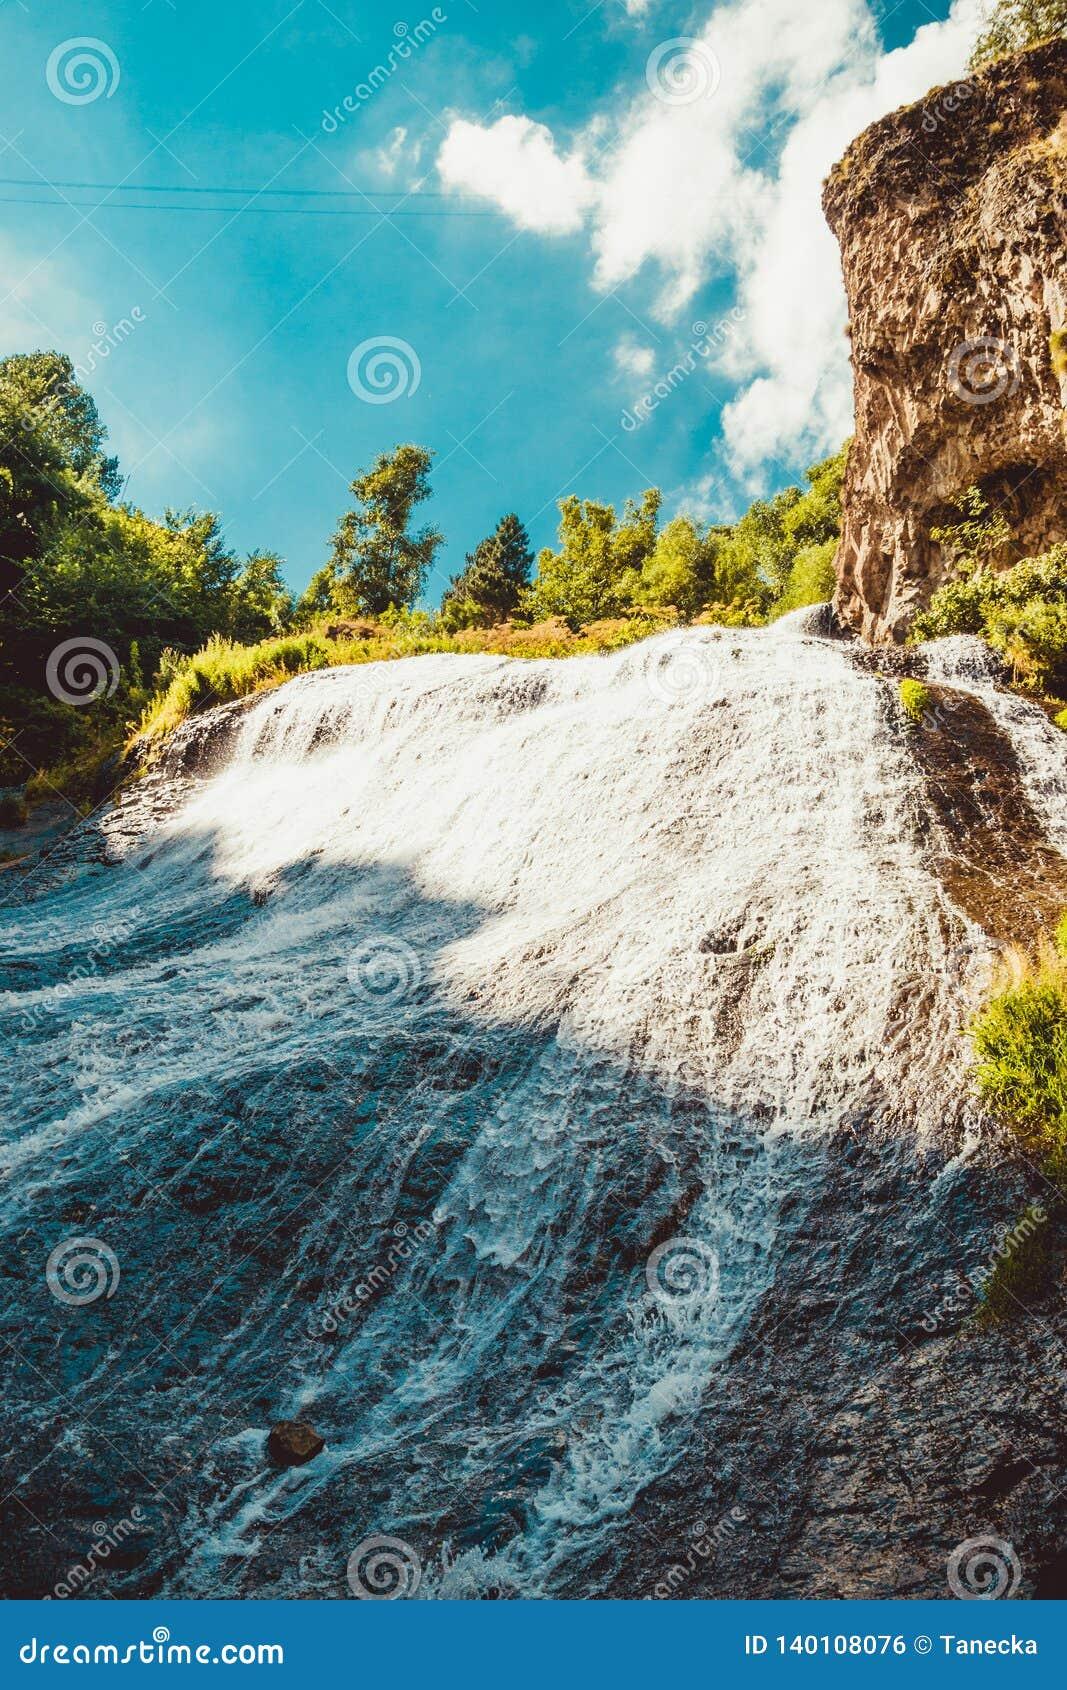 Jermukaantrekkelijkheid, het Haar van de watervalmeermin Jonge volwassenen Reis naar Armenië Actieve vakantie Armeense excursie D